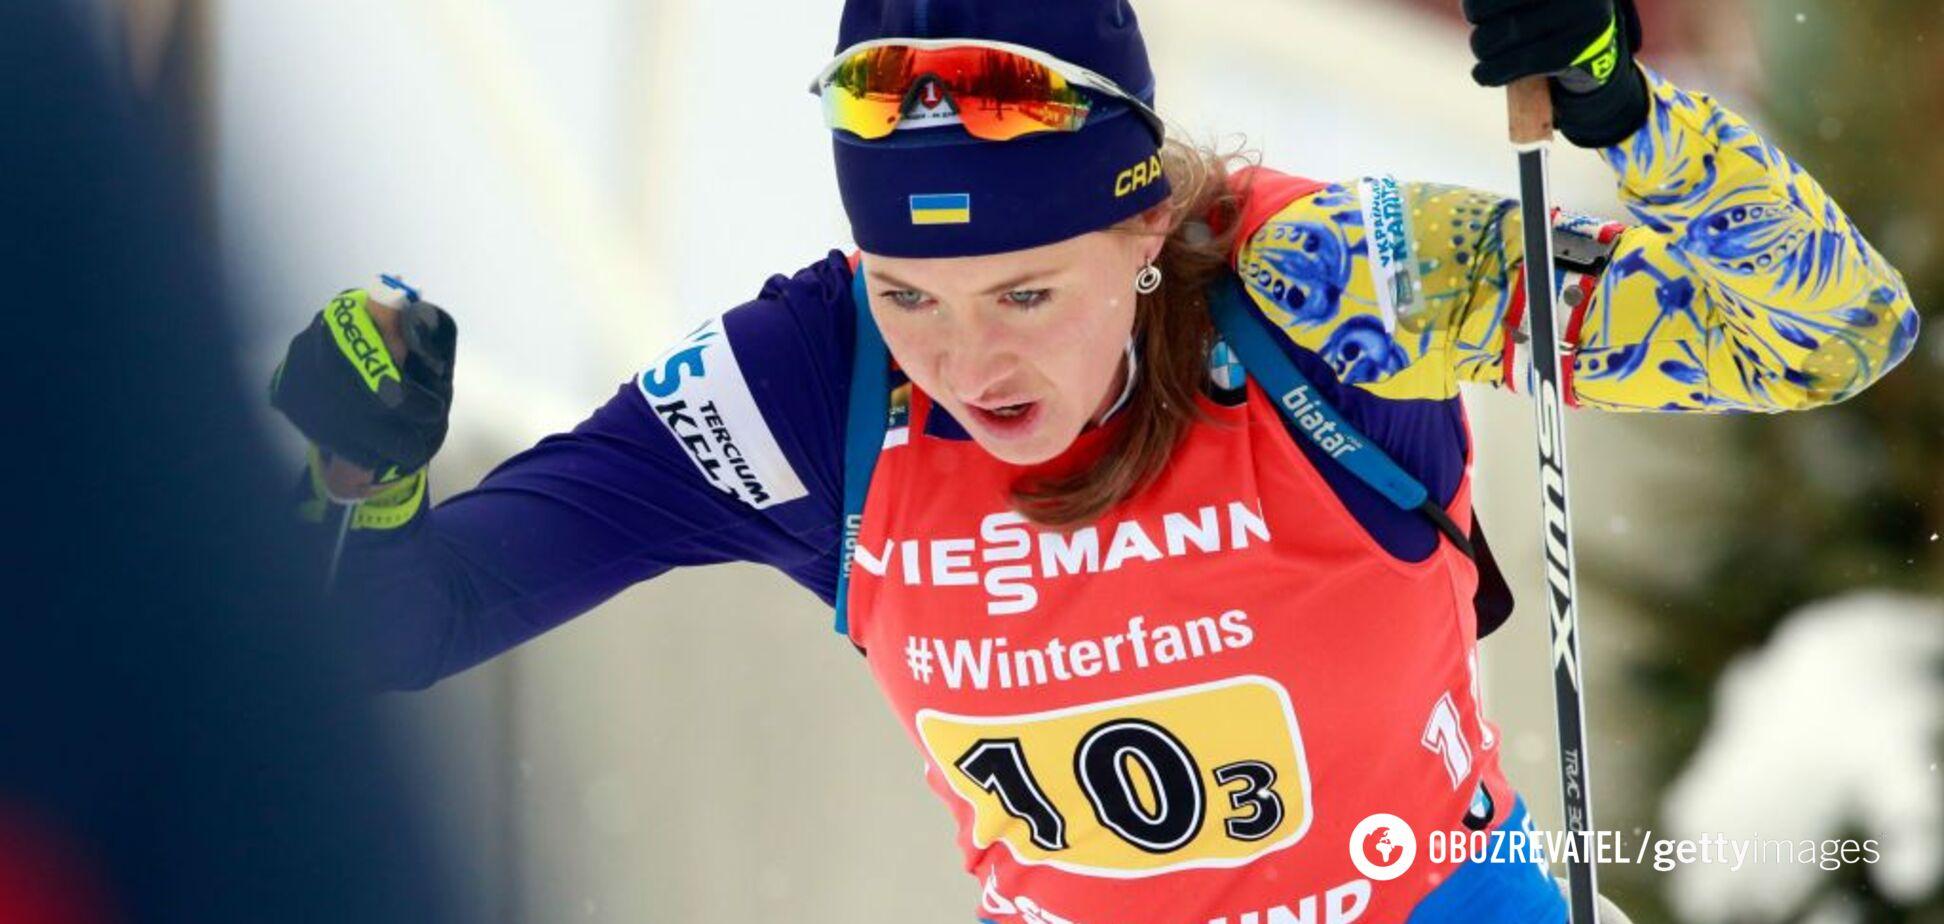 Есть медаль! Украинка сотворила грандиозную сенсацию на Кубке мира по биатлону